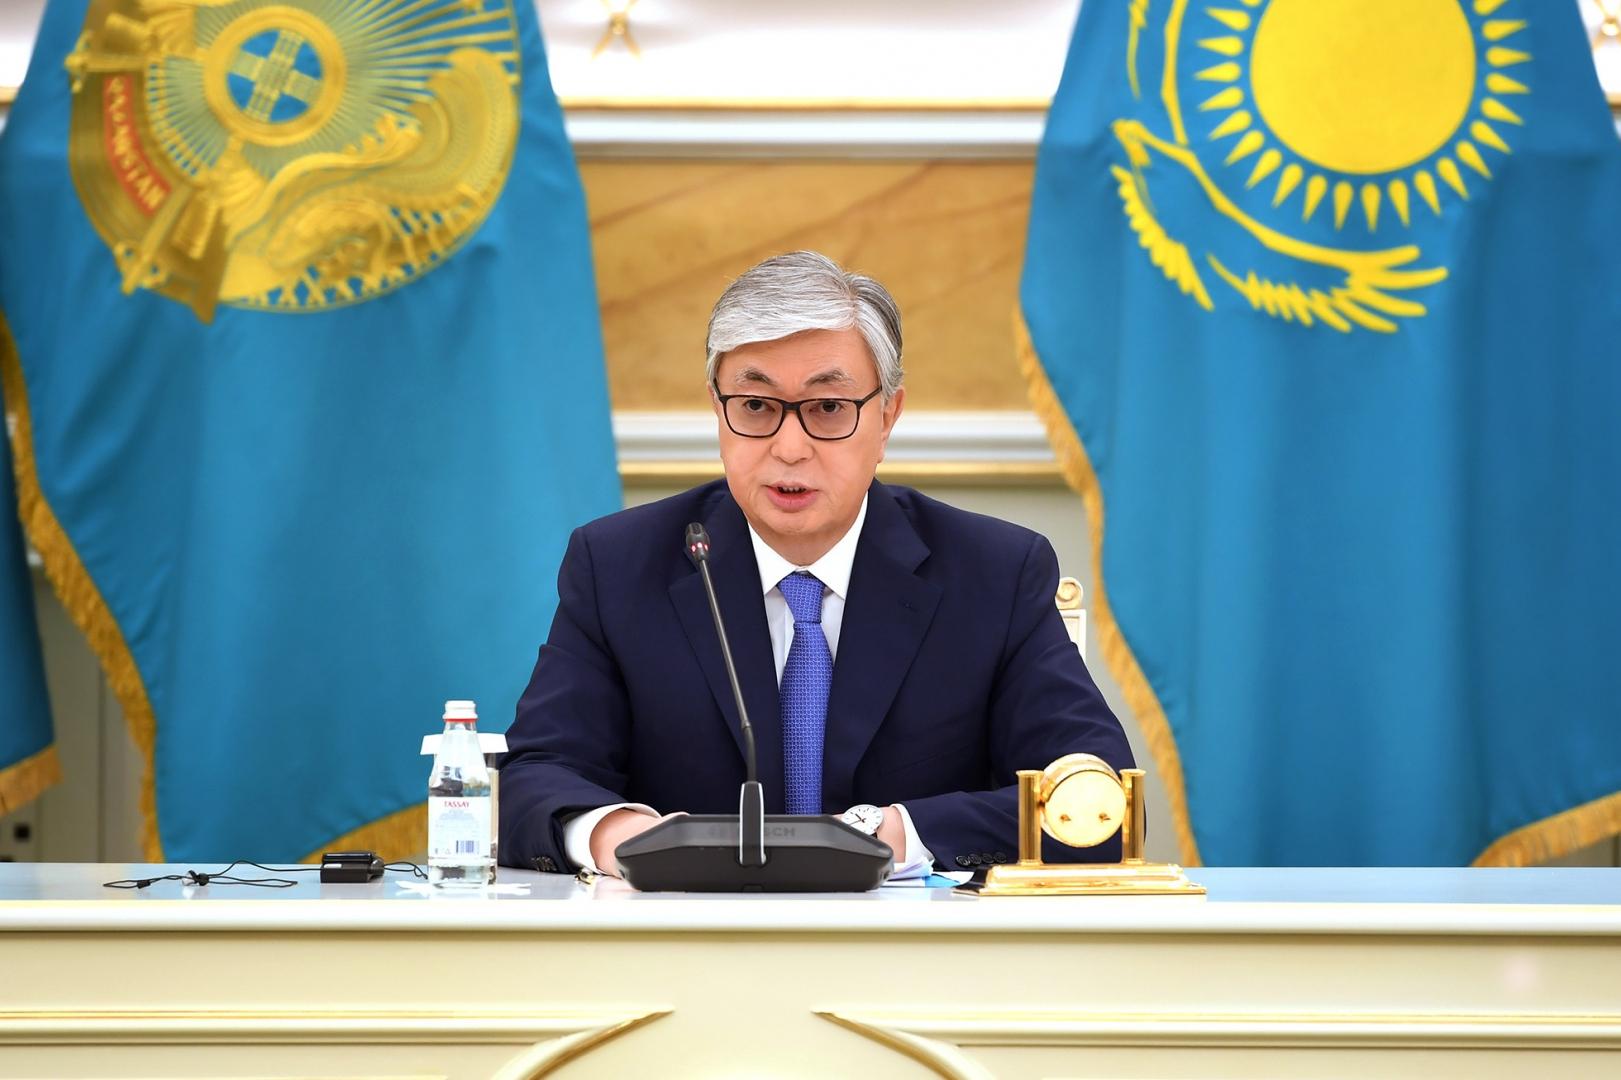 Мемлекет басшысы Қасым-Жомарт Тоқаевтың Алғыс айту күнімен құттықтады